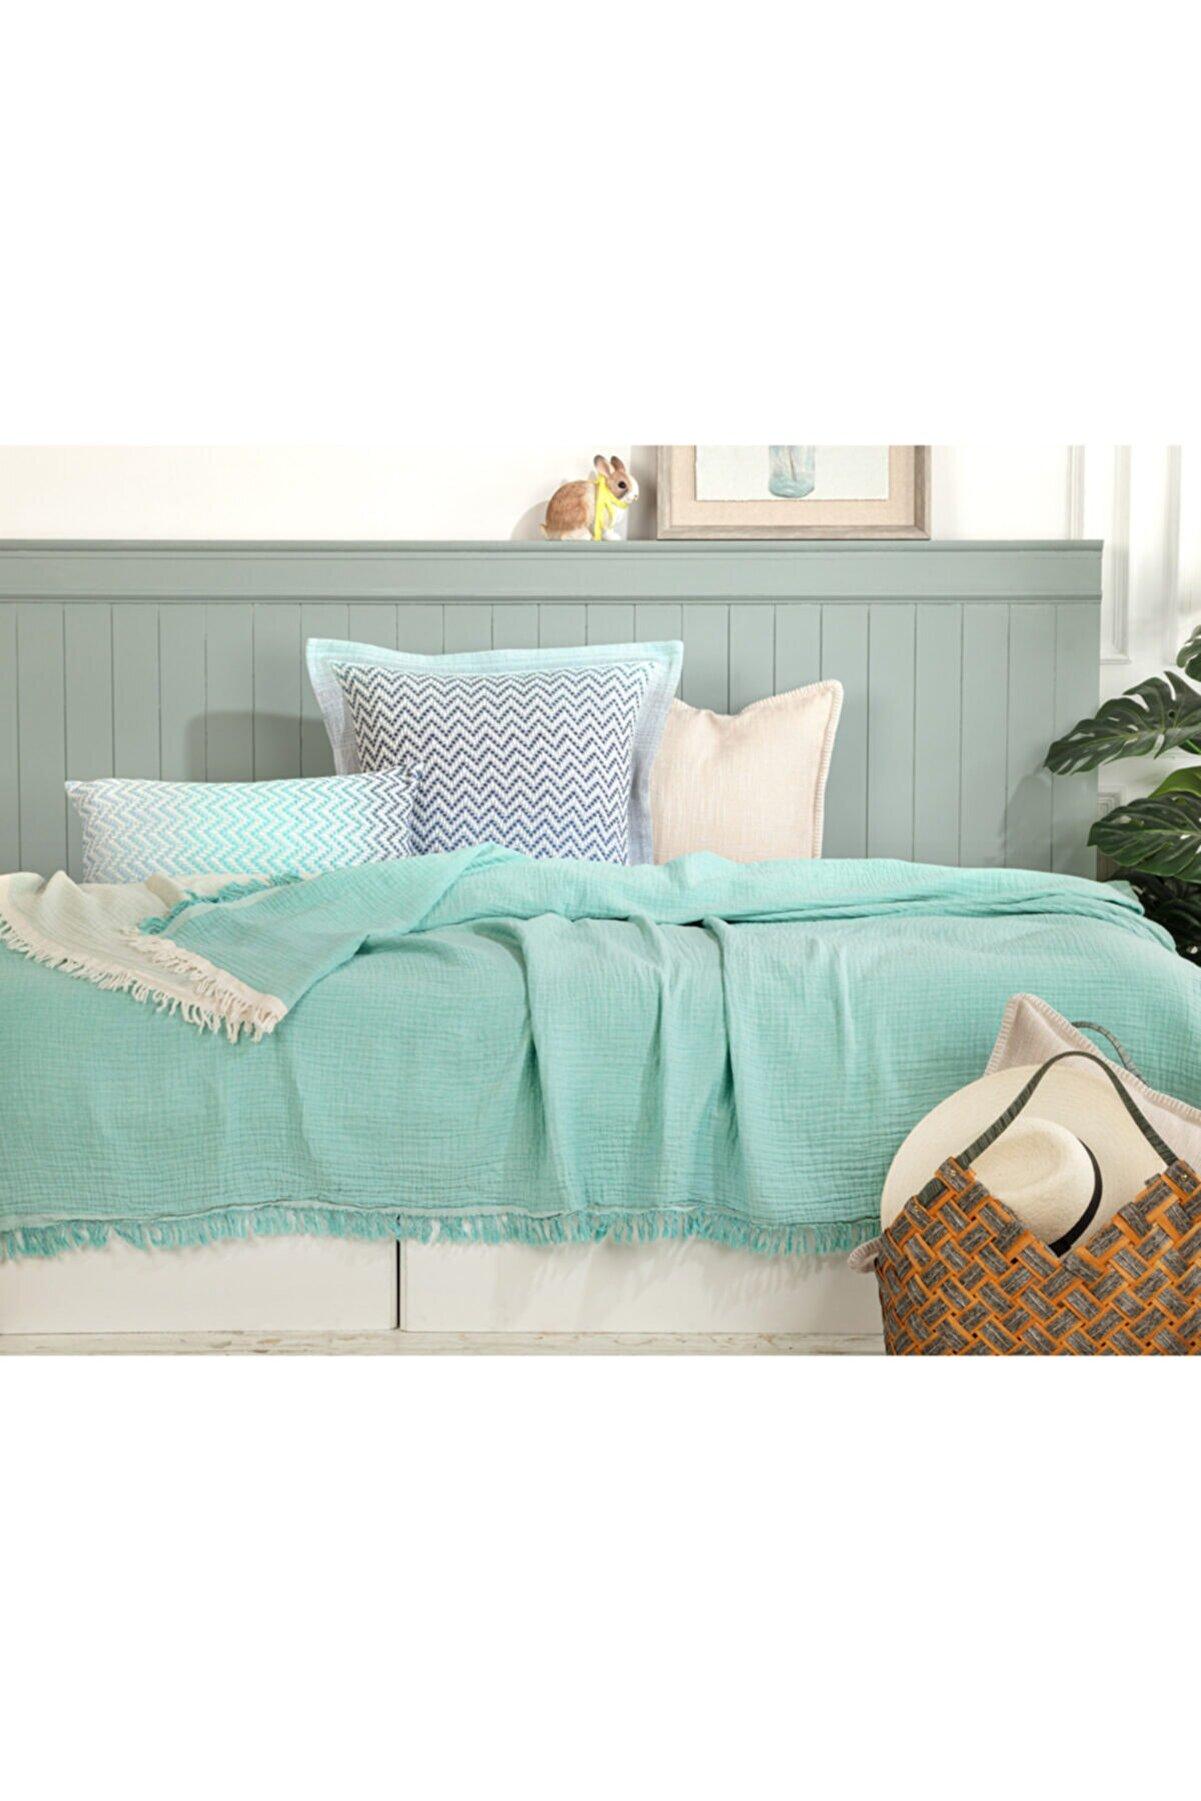 Madame Coco Florinda Tek Kişilik Müslin Yatak Örtüsü - Mint Yeşili